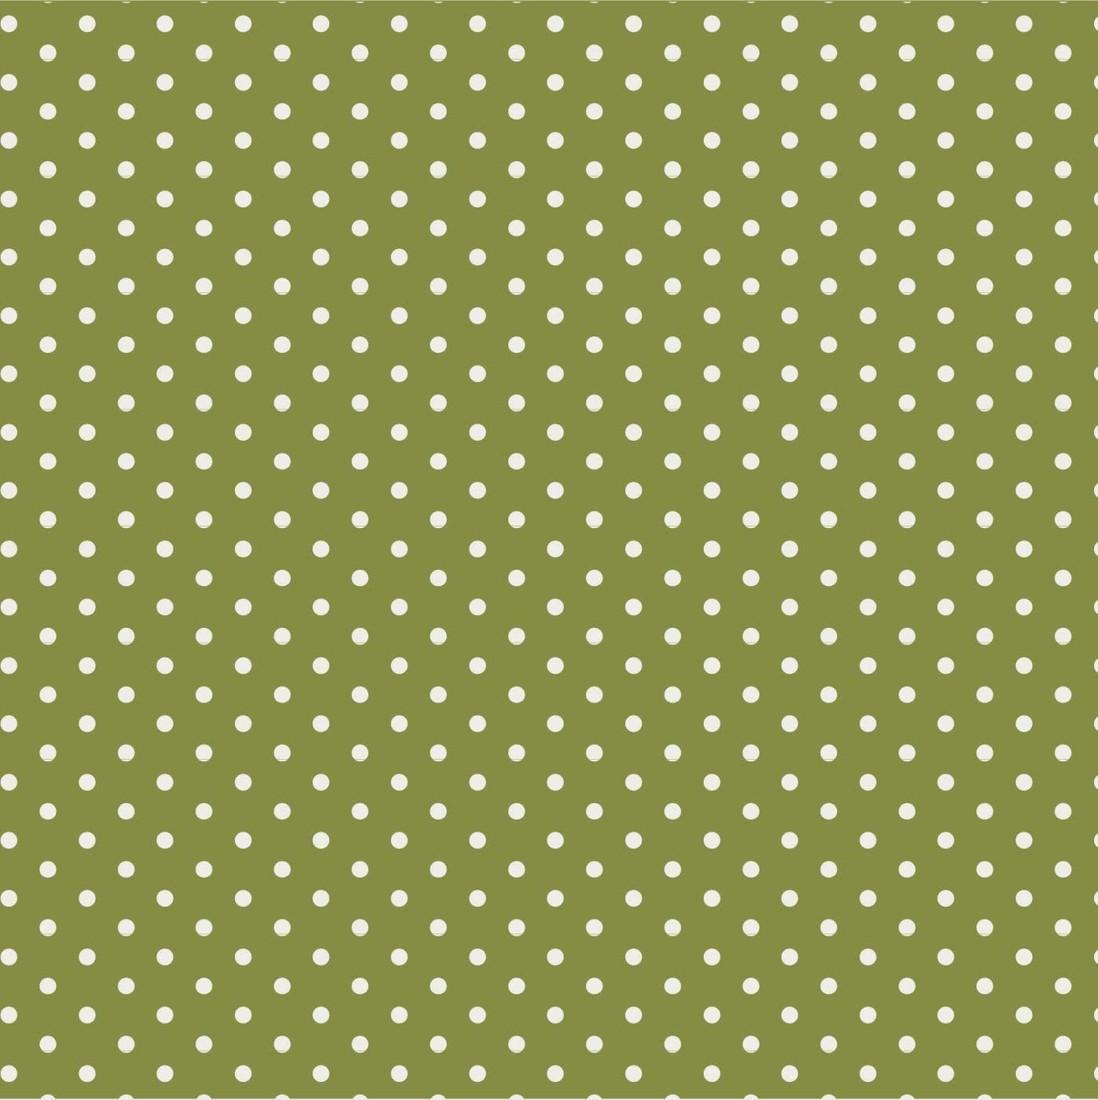 Papierservietten grün mit weissen Punkten